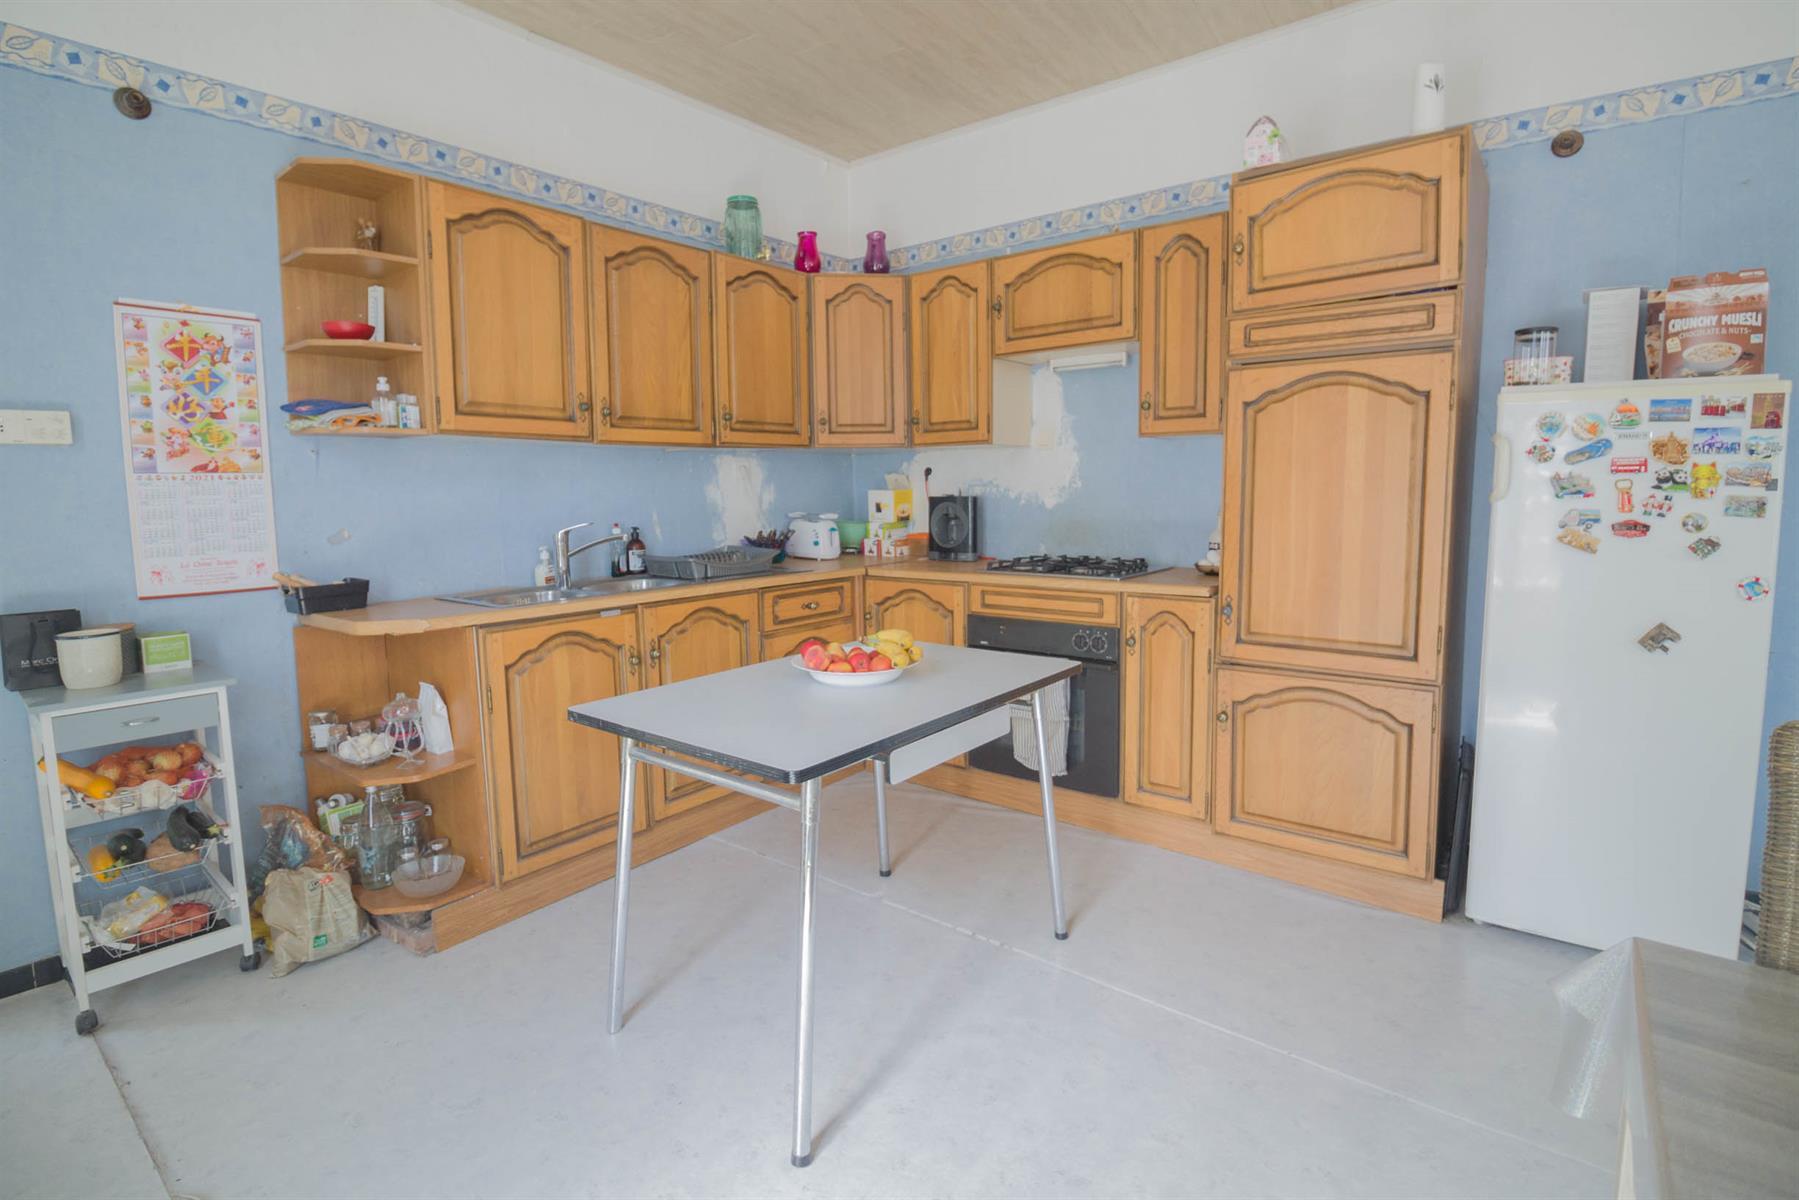 Maison - Monceau-sur-Sambre - #4536955-6